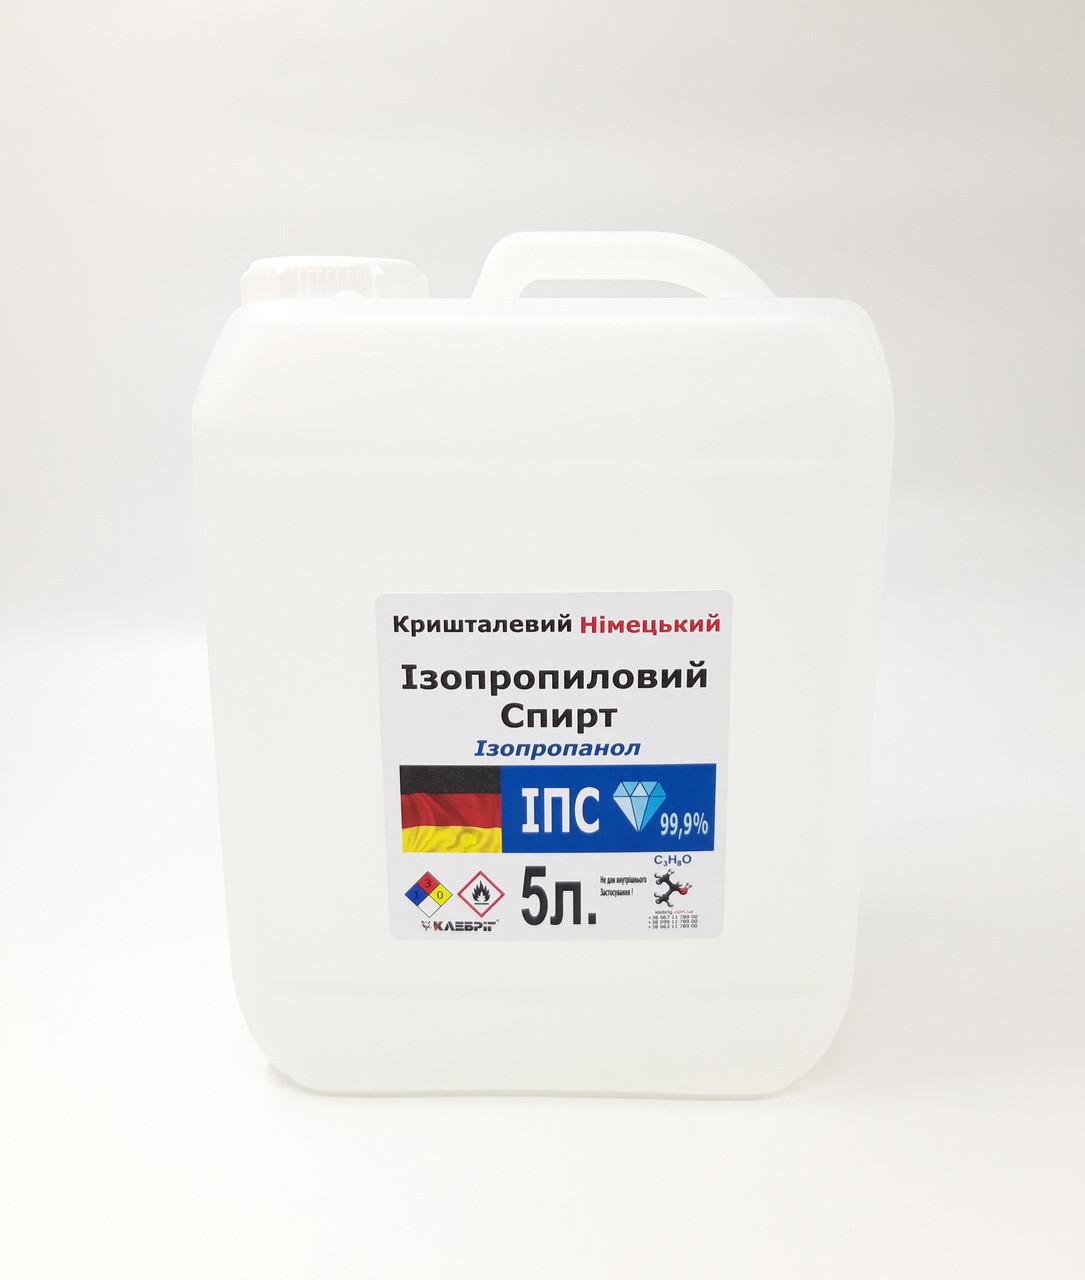 Изопропиловый спирт 5 л ХЧ Германия ИПС Изопропанол